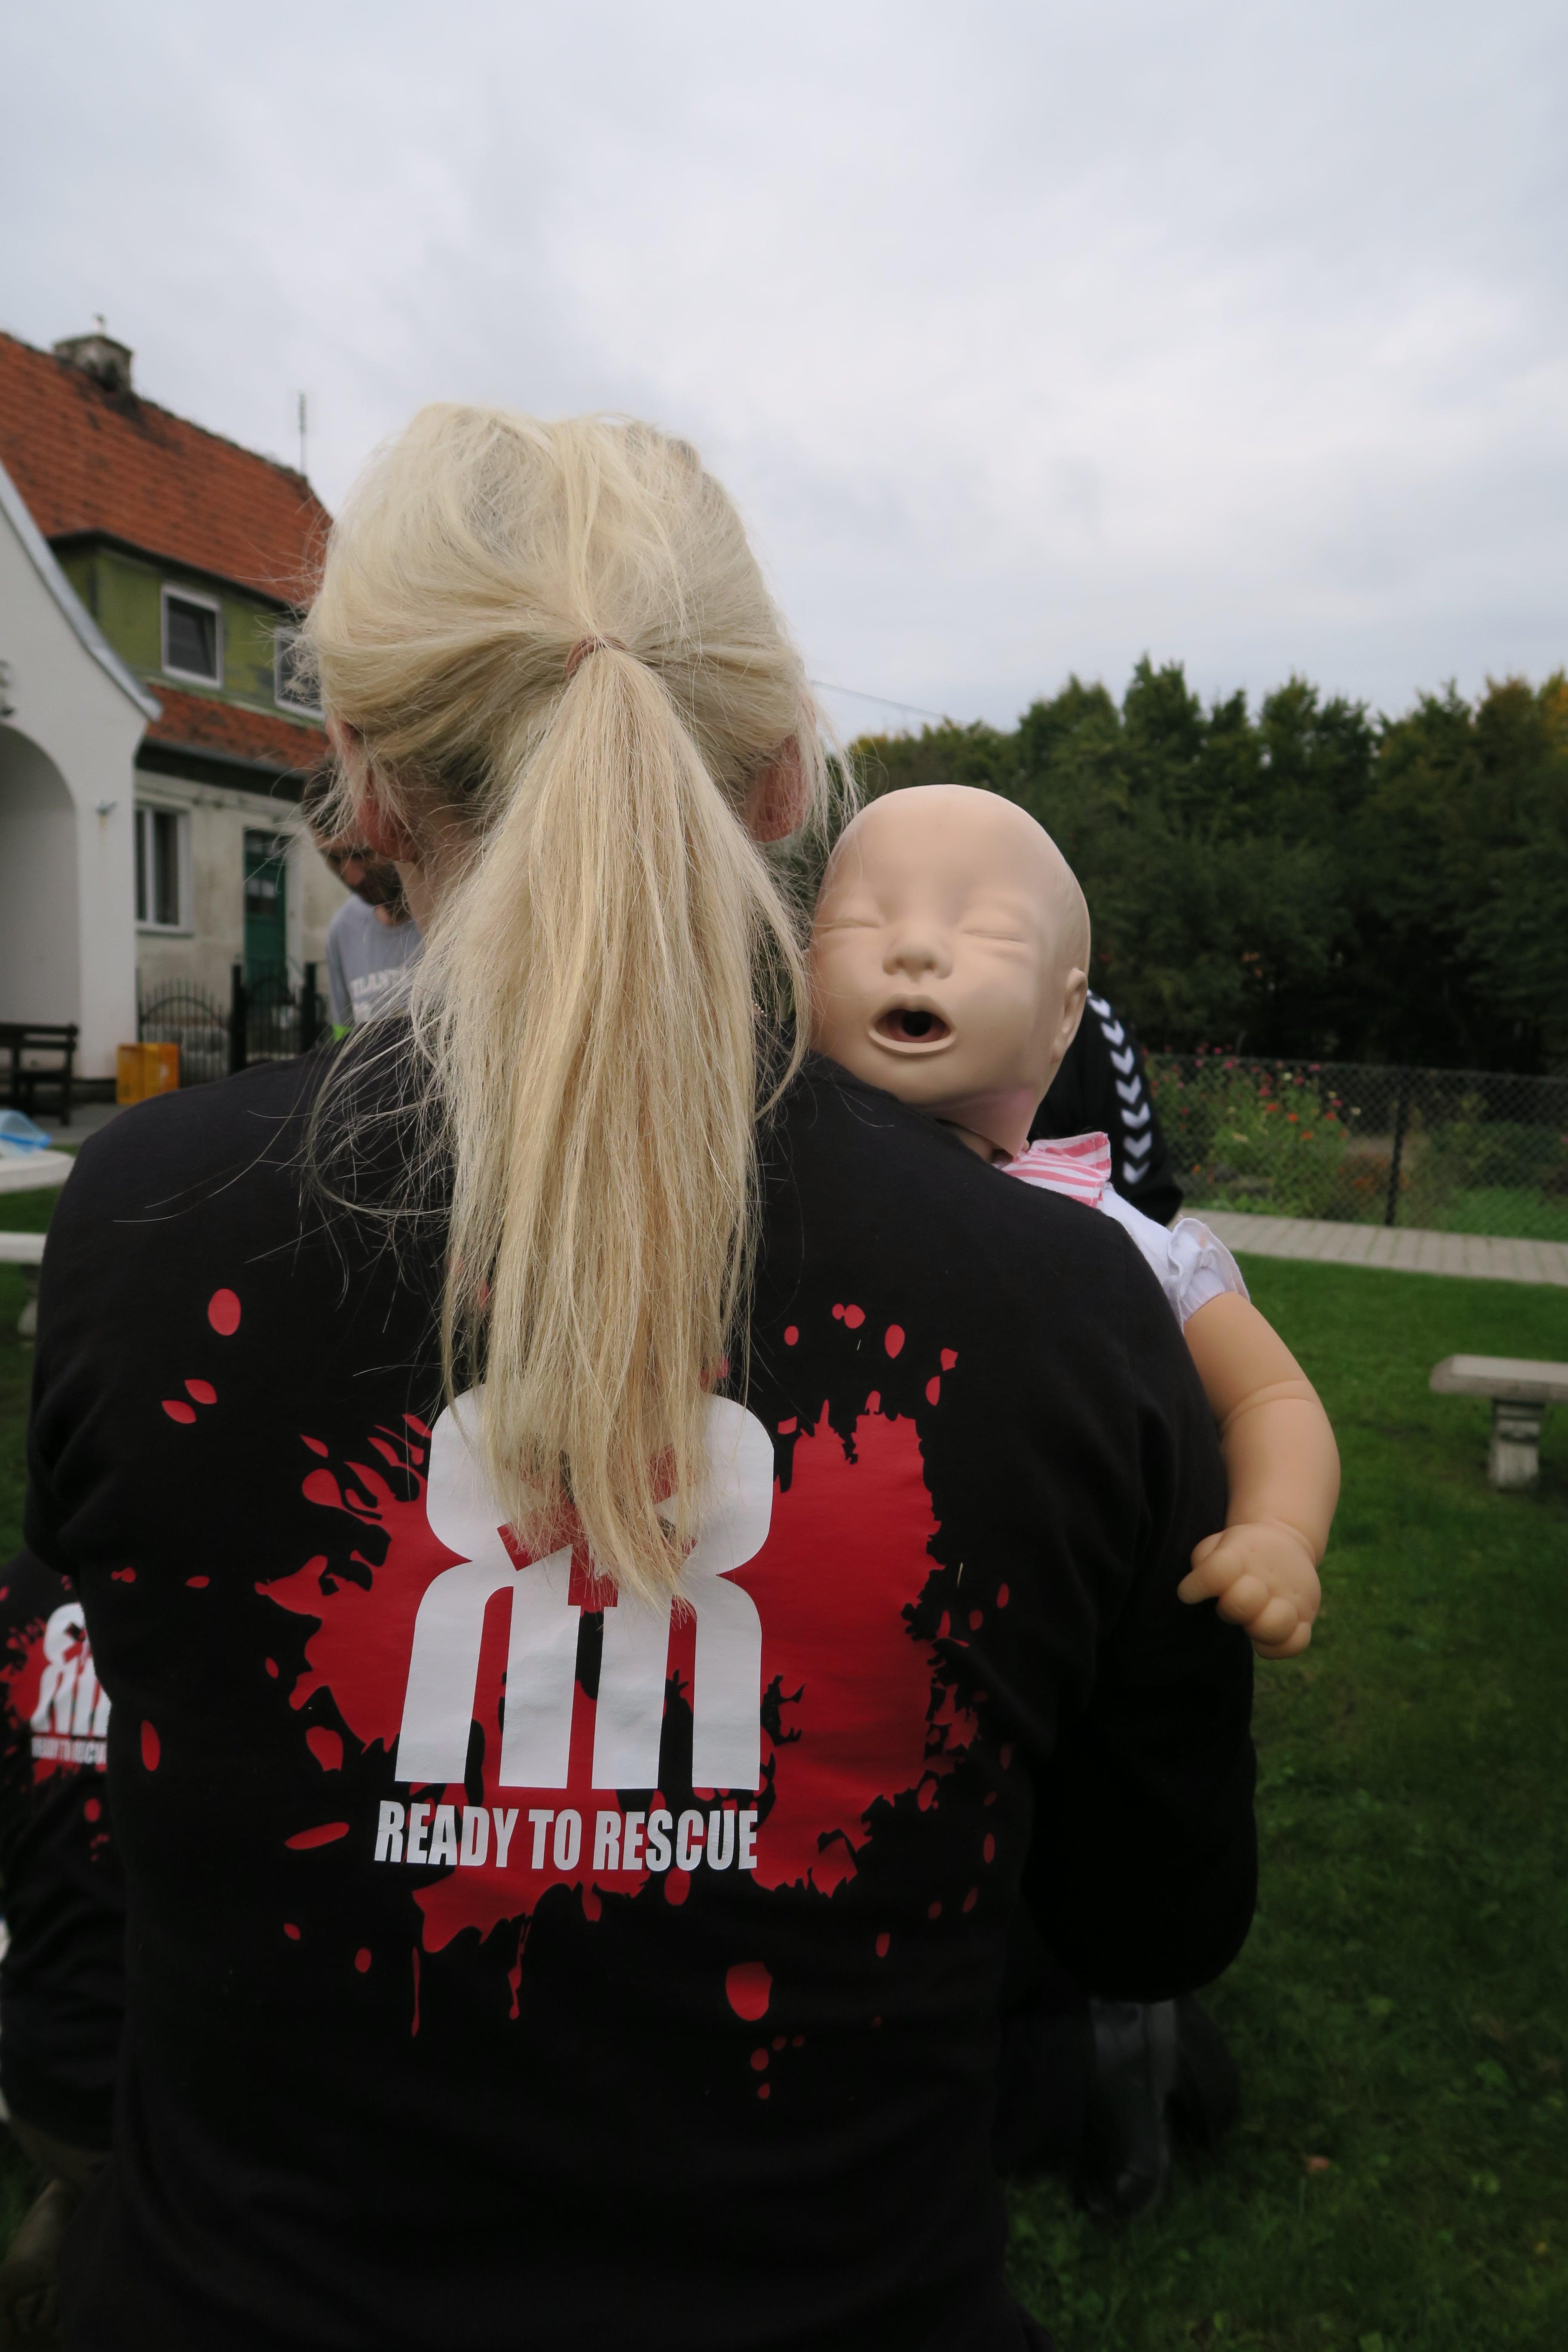 25.pierwsza pomoc małe dziecko, BLS dziecka, matka pomaga dziecku class=